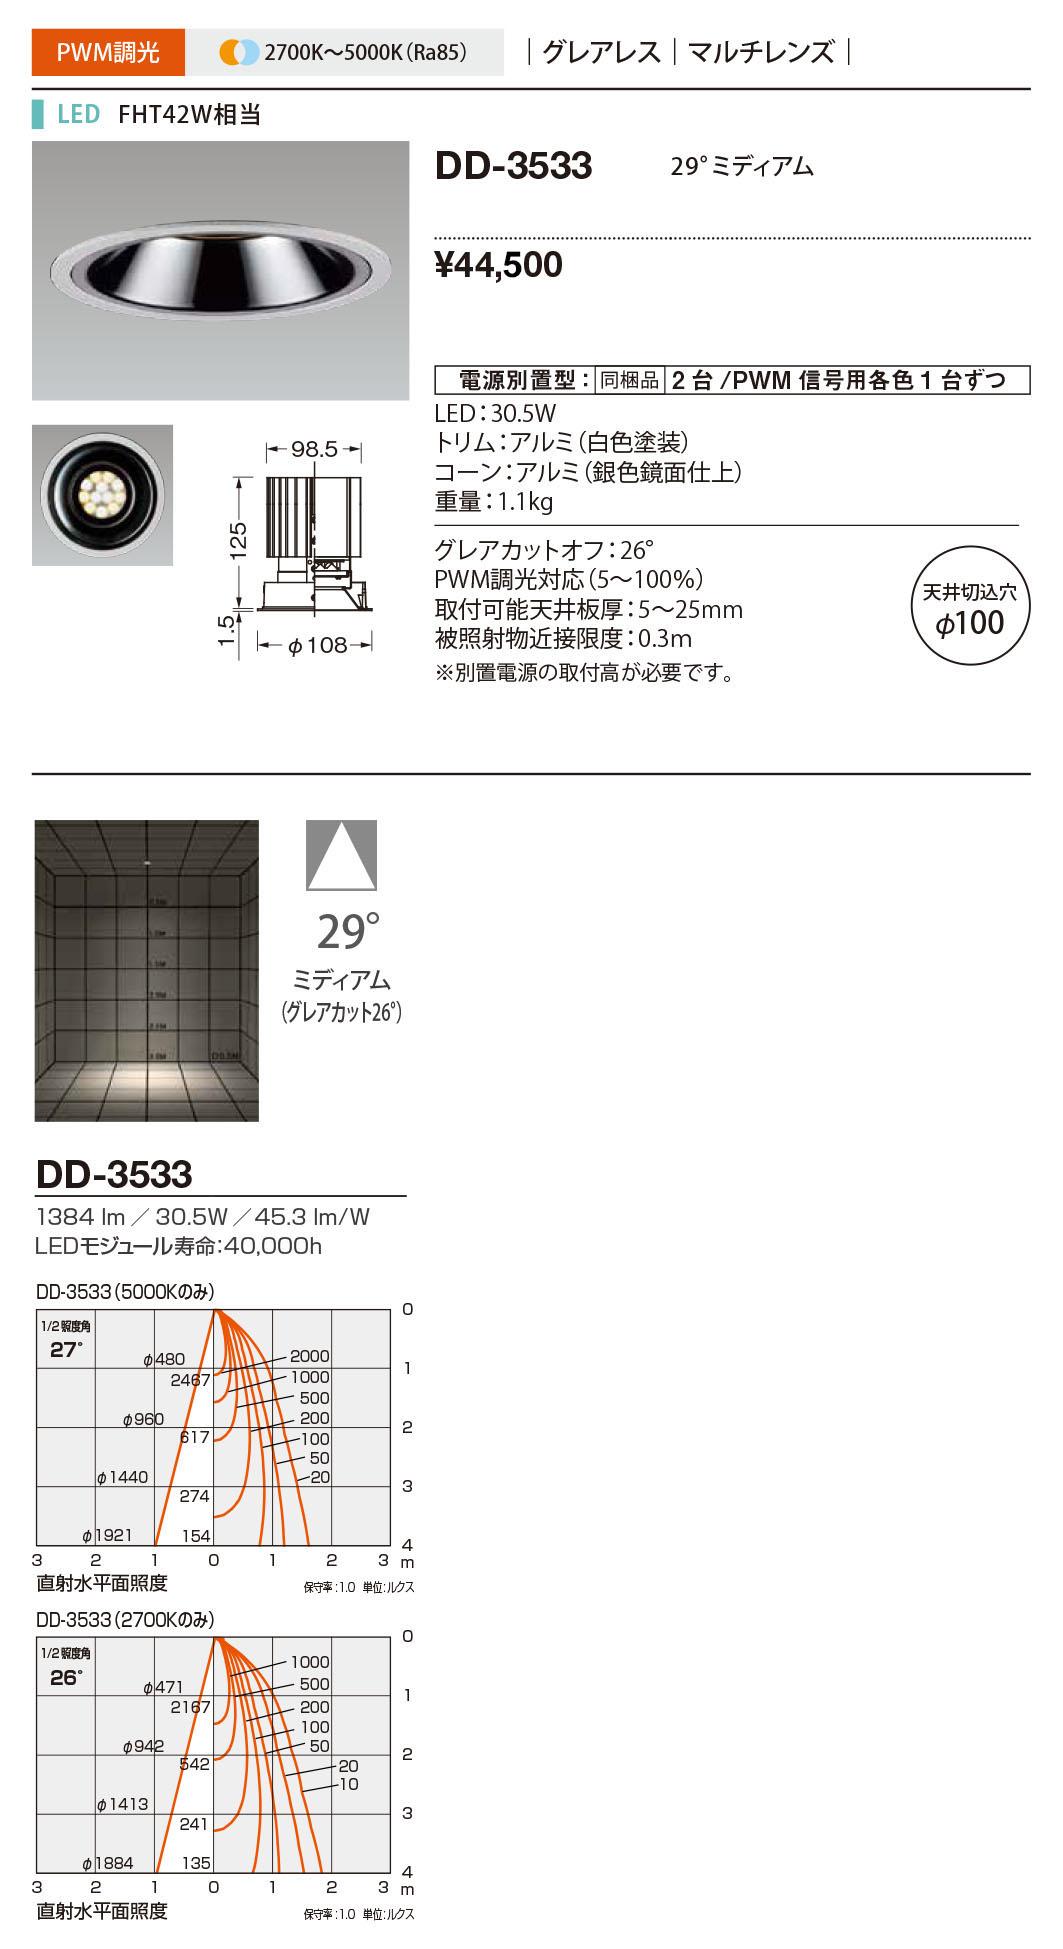 ベースタイプ Morph 山田照明 マルチレンズ グレアレス FHT42W相当DD-3533 100調光・調色 照明器具LED一体型ダウンライト